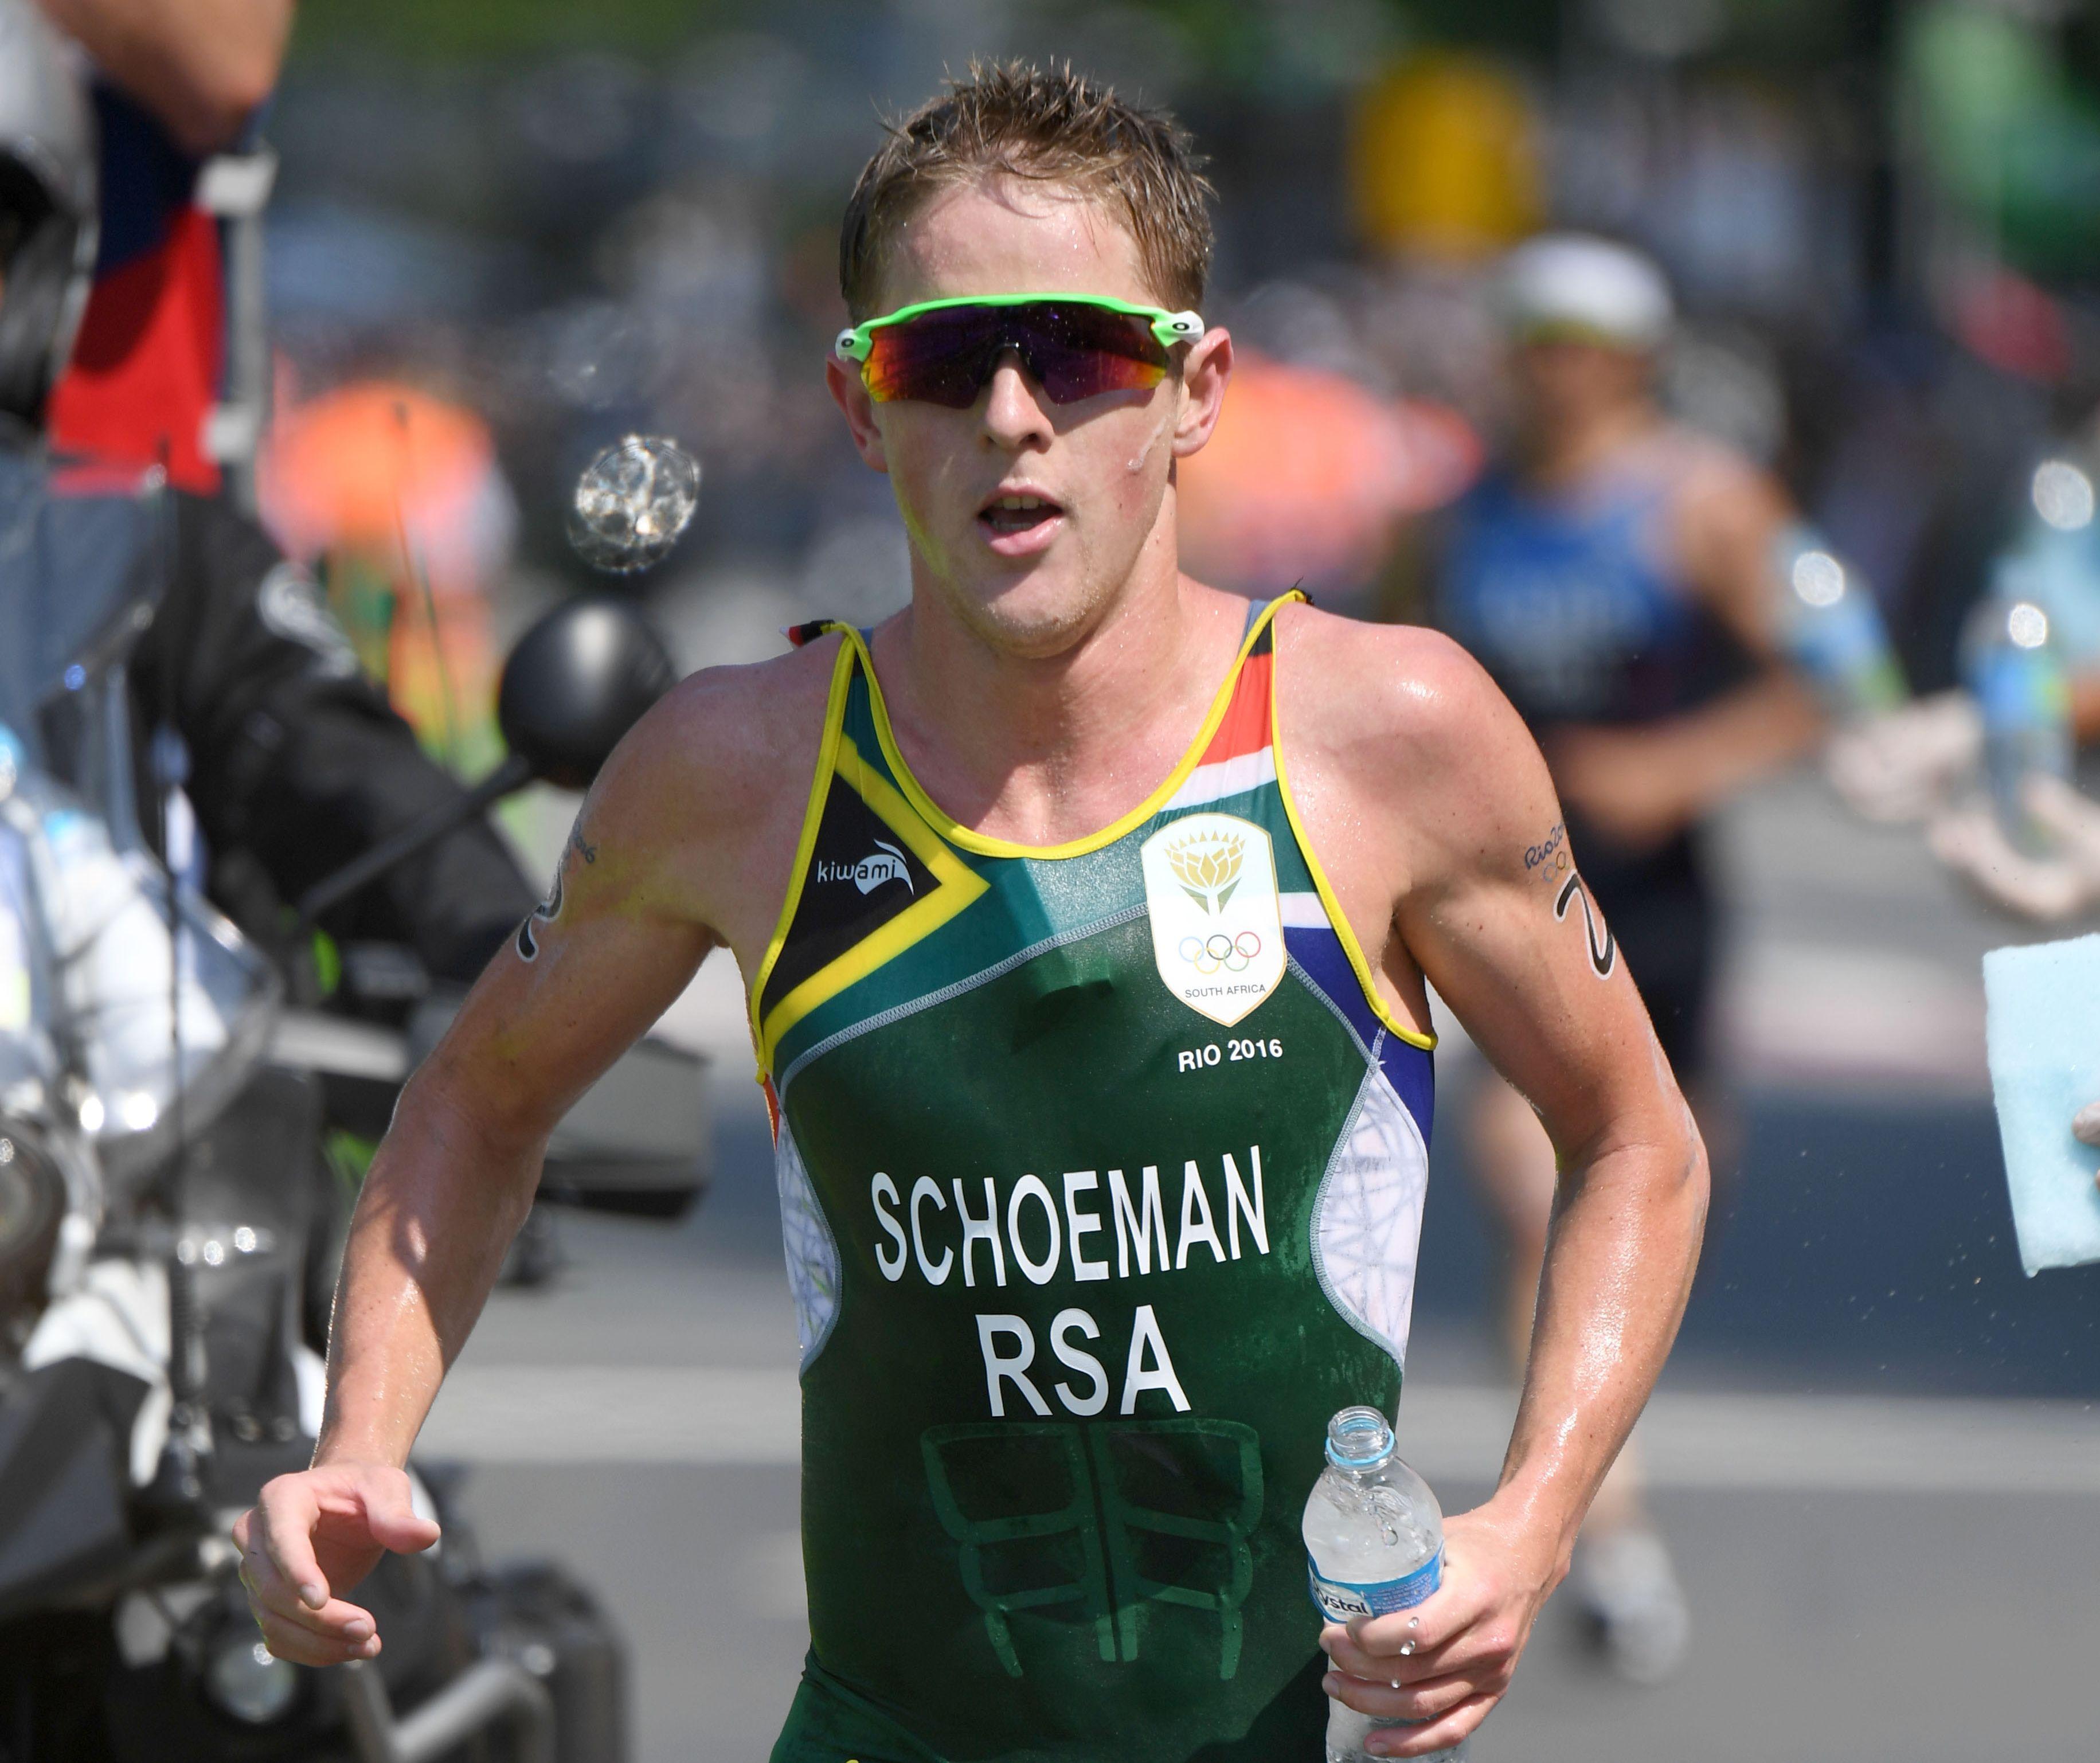 """Gli hacker si attivano e… Schoeman diventa un """"caso di doping"""""""